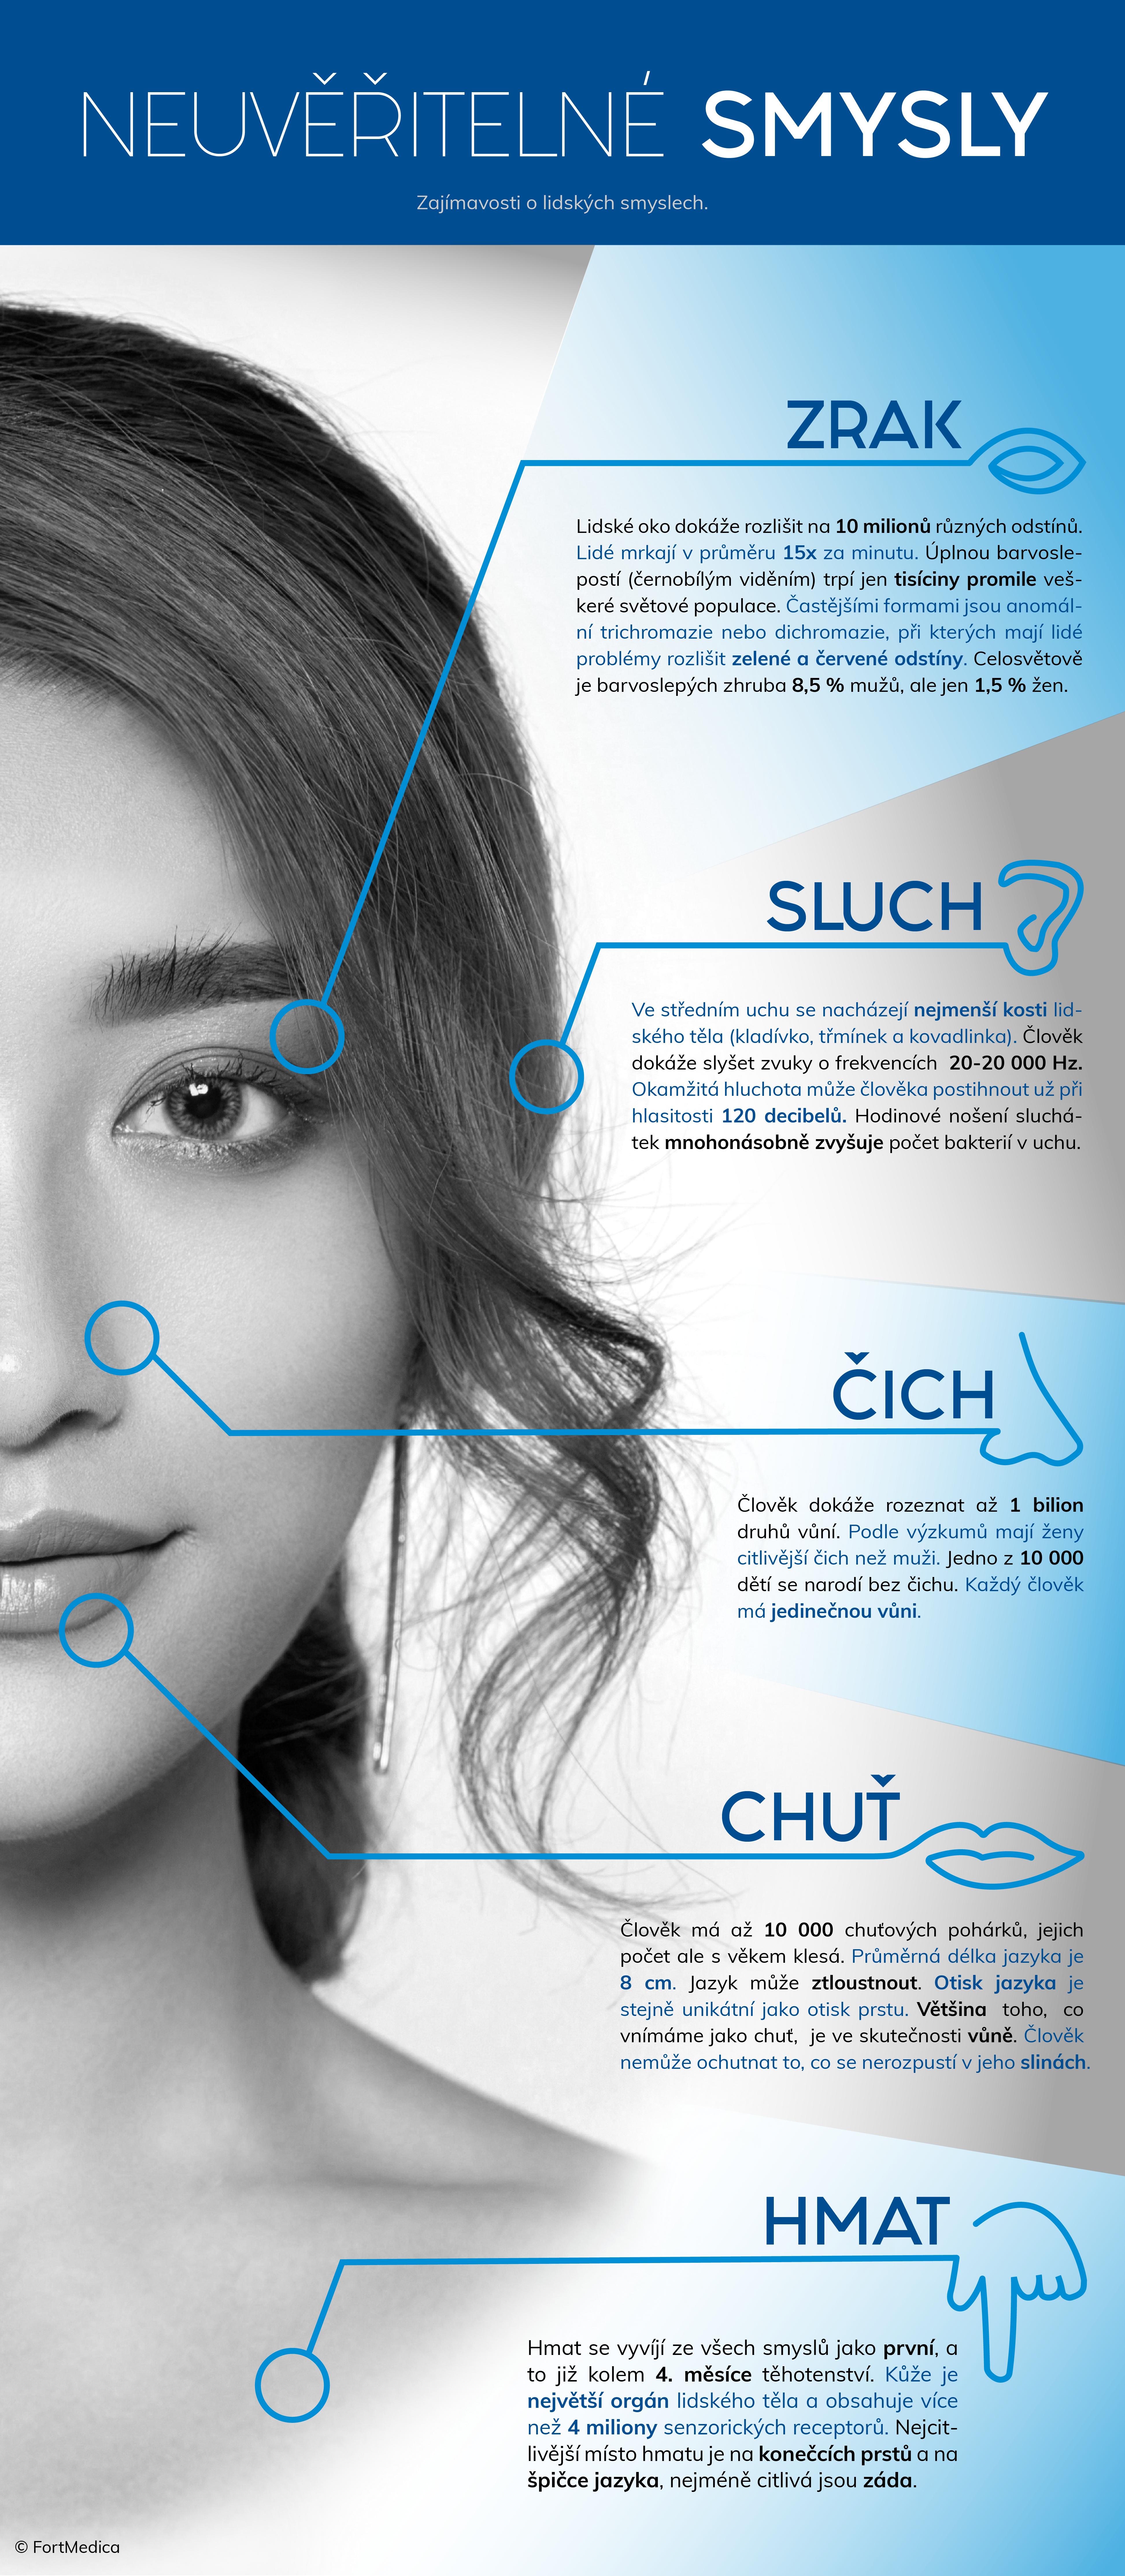 Infografika o lidských smyslech, zajímavosti o zraku, sluchu, čichu, chuti a hmatu.